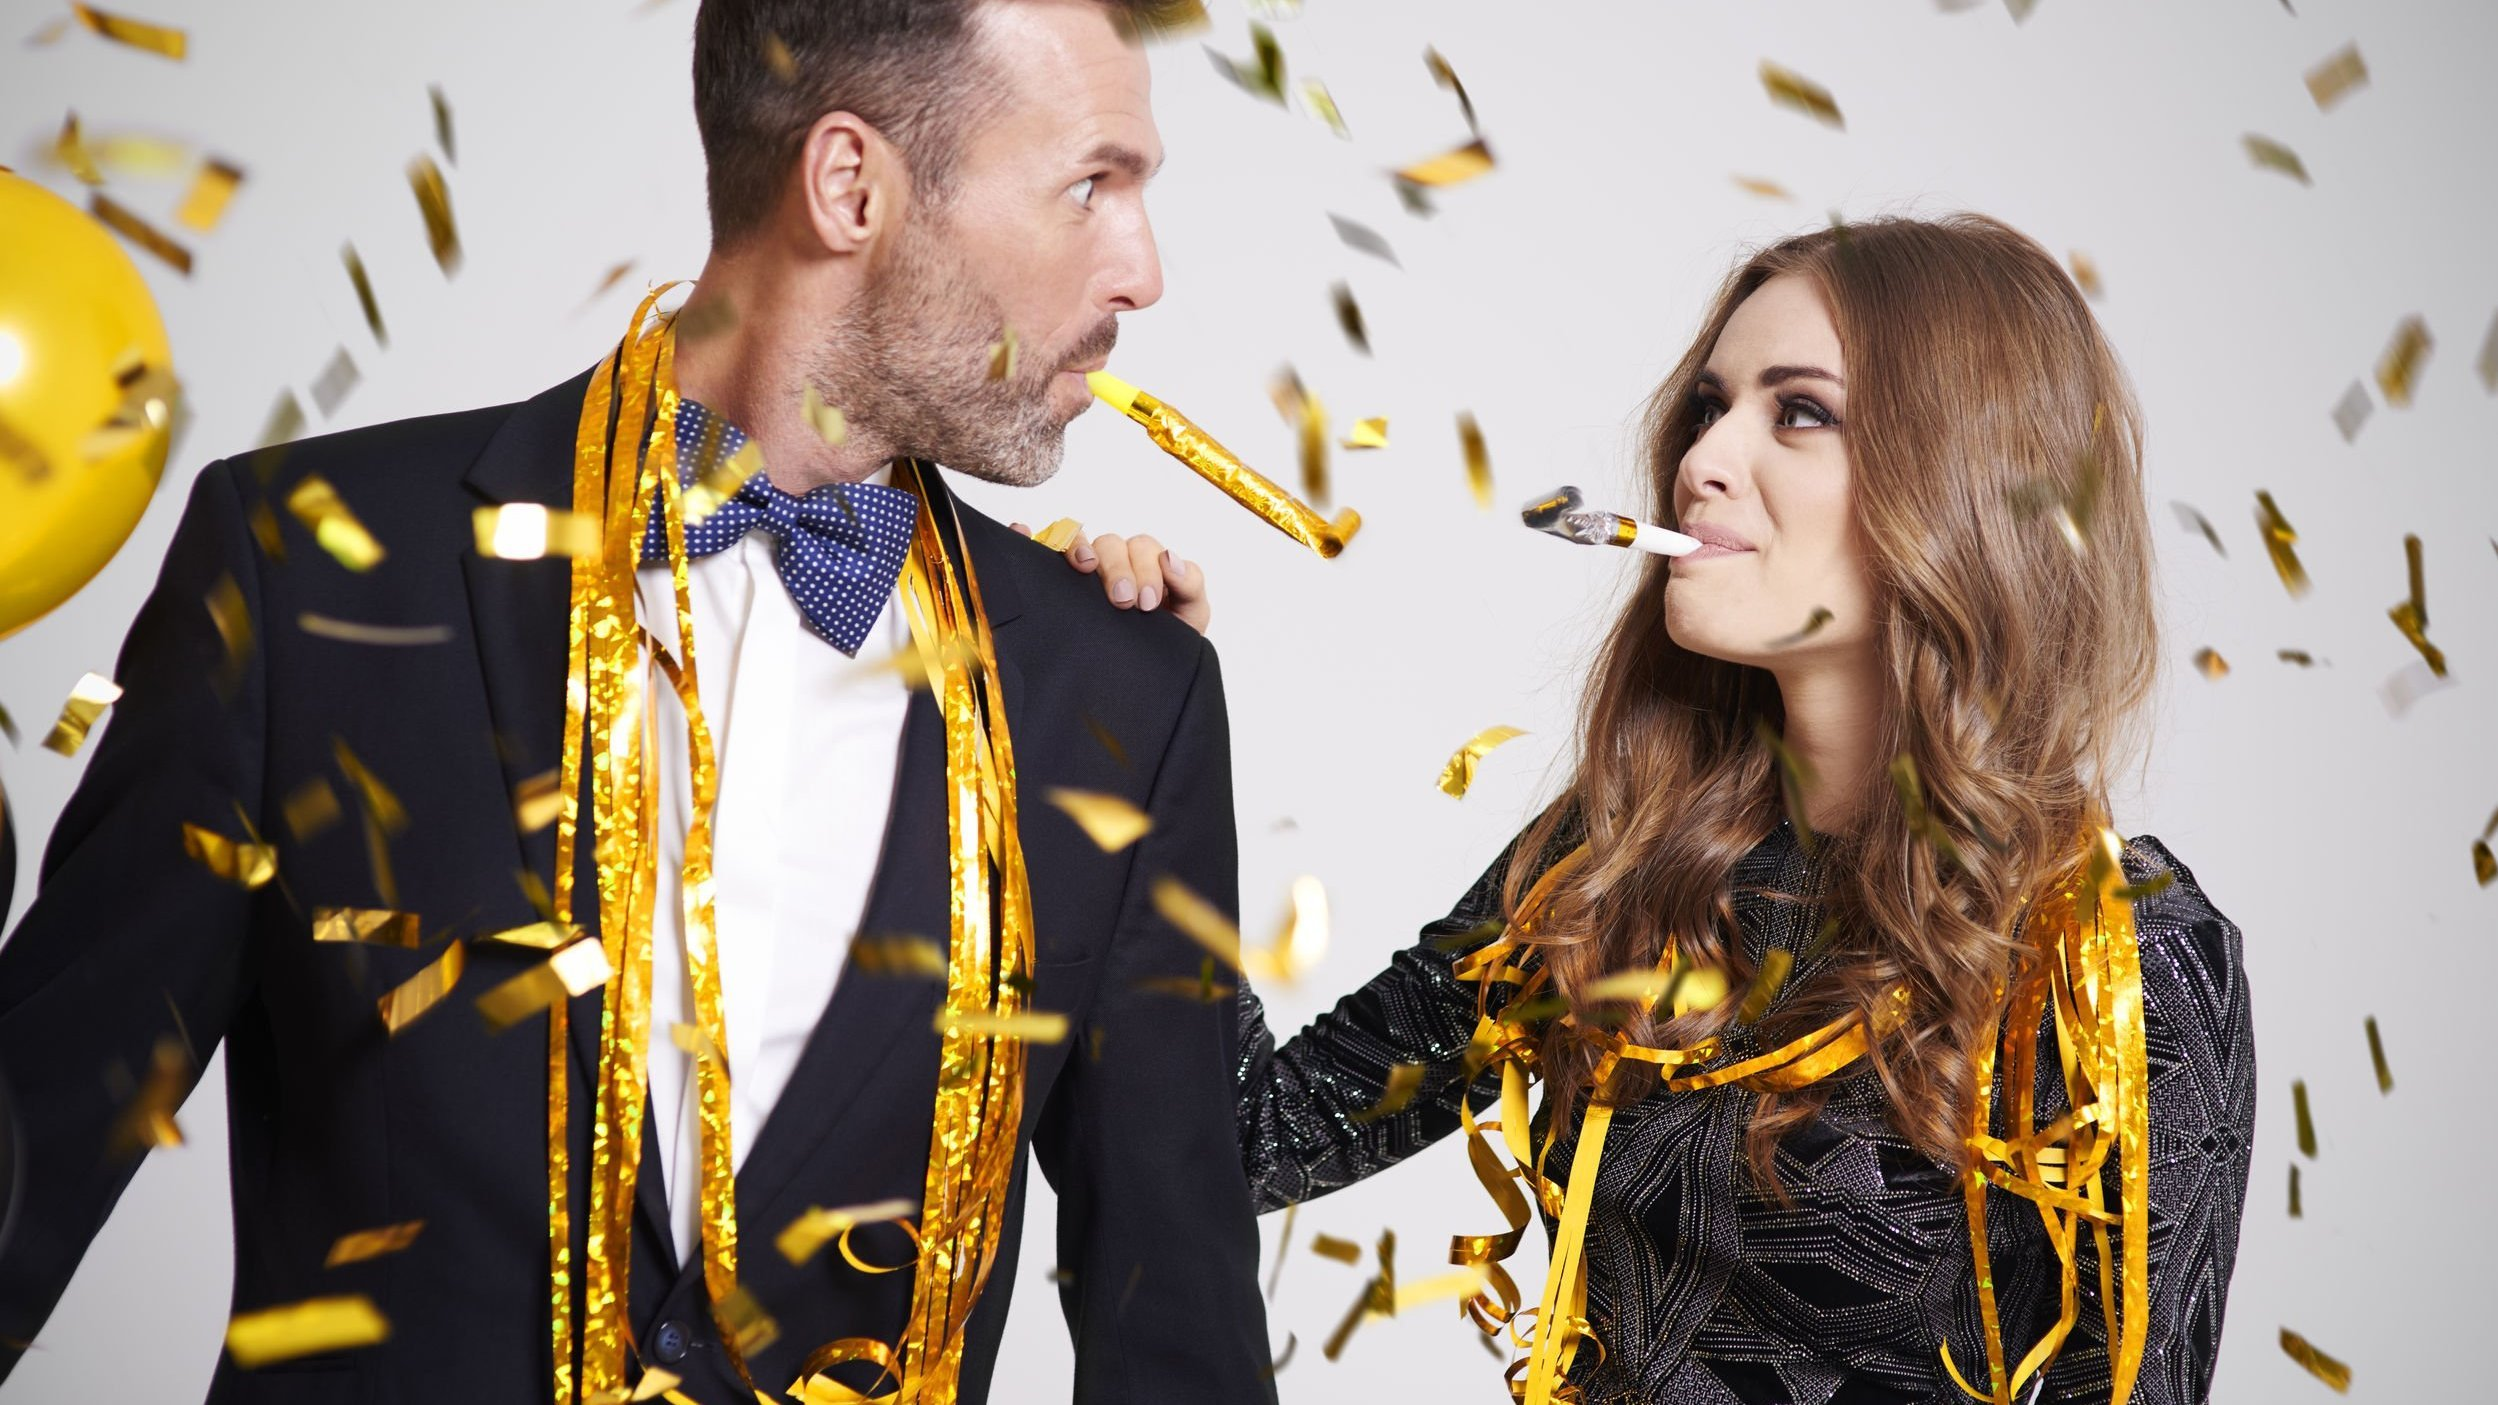 Homem e mulher com roupas de festa em meio a balões e confetes.